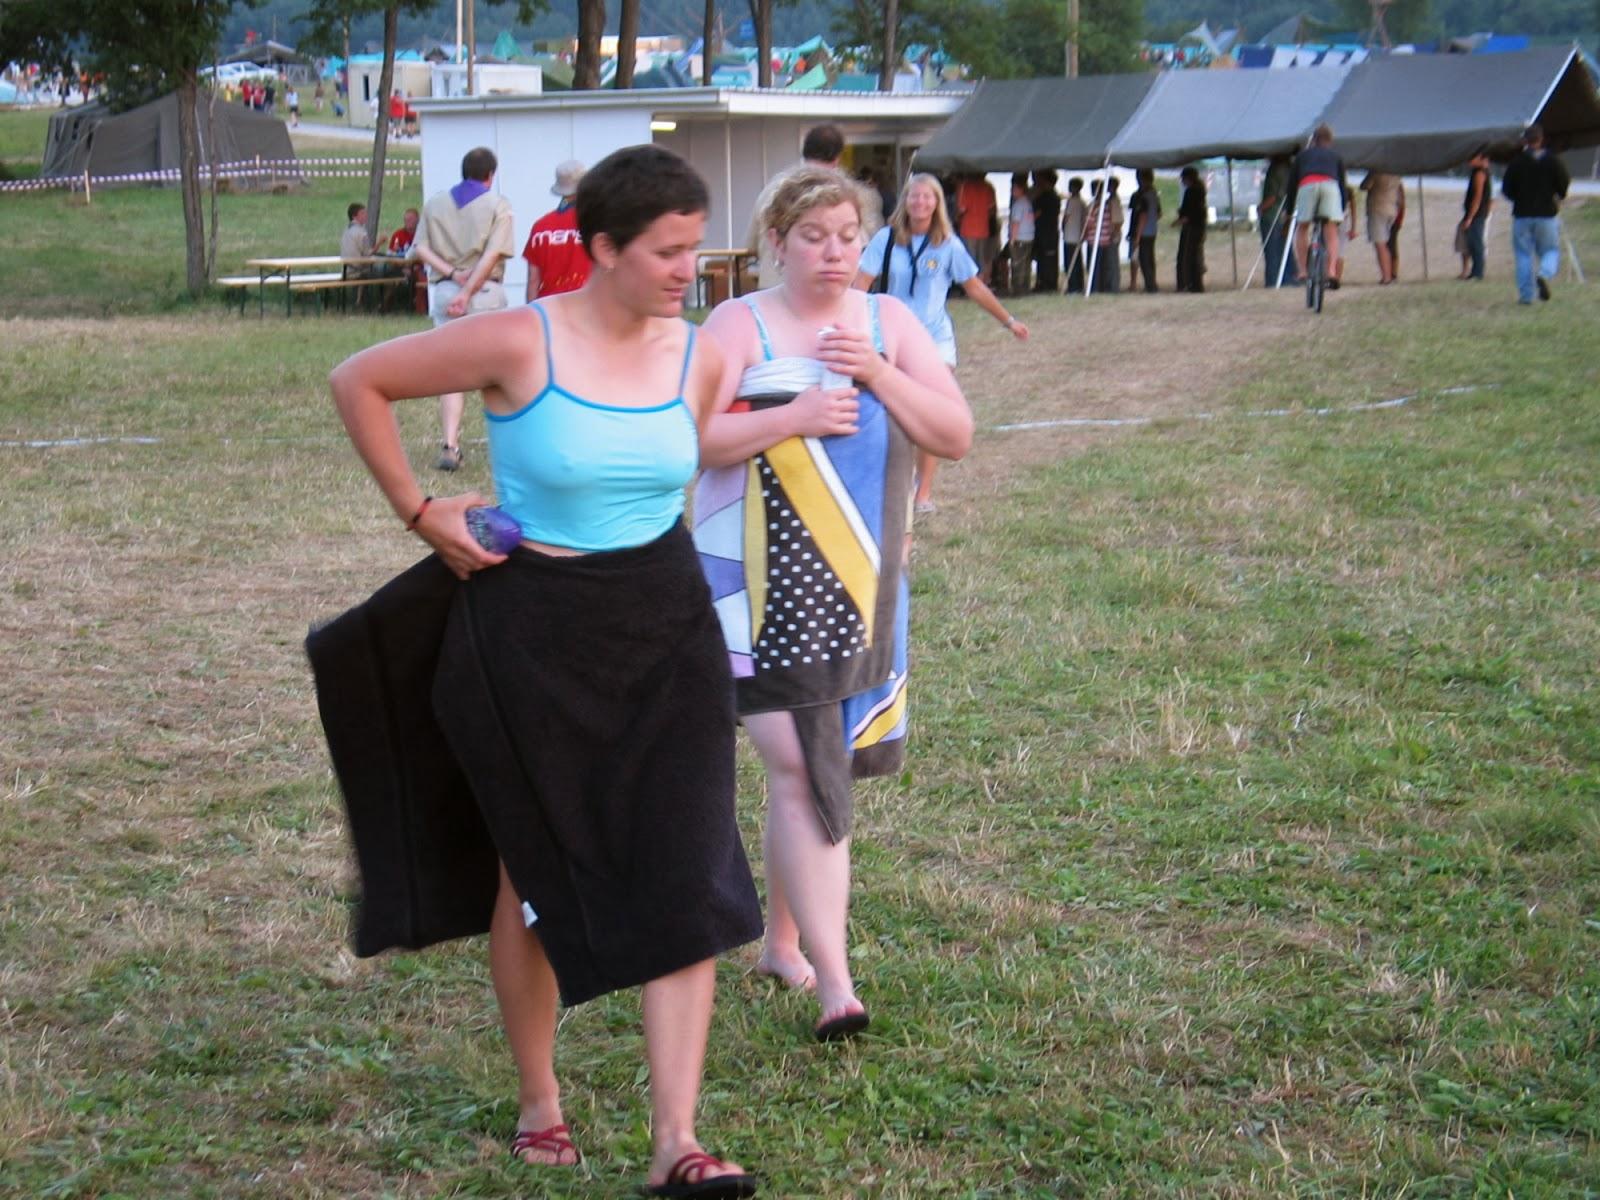 Pow-wow, Ilirska Bistrica 2004 - Zlet%2B2004%2B012.jpg